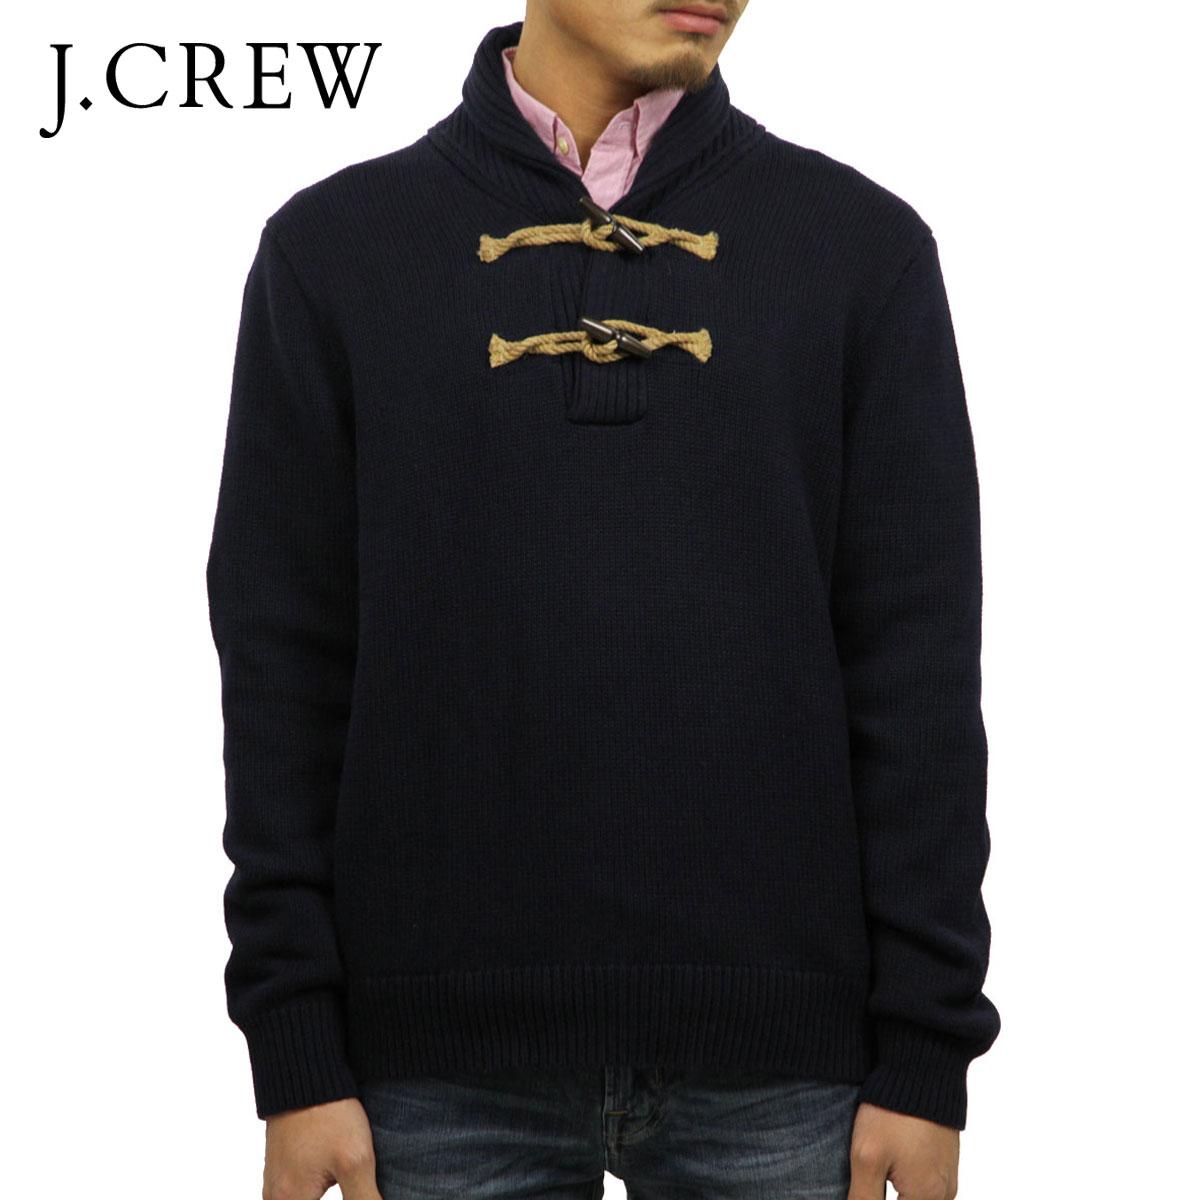 ジェイクルー J.CREW 正規品 メンズ セーター TOGGLE SHAWL-COLLAR POPOVER SWEATER 86111